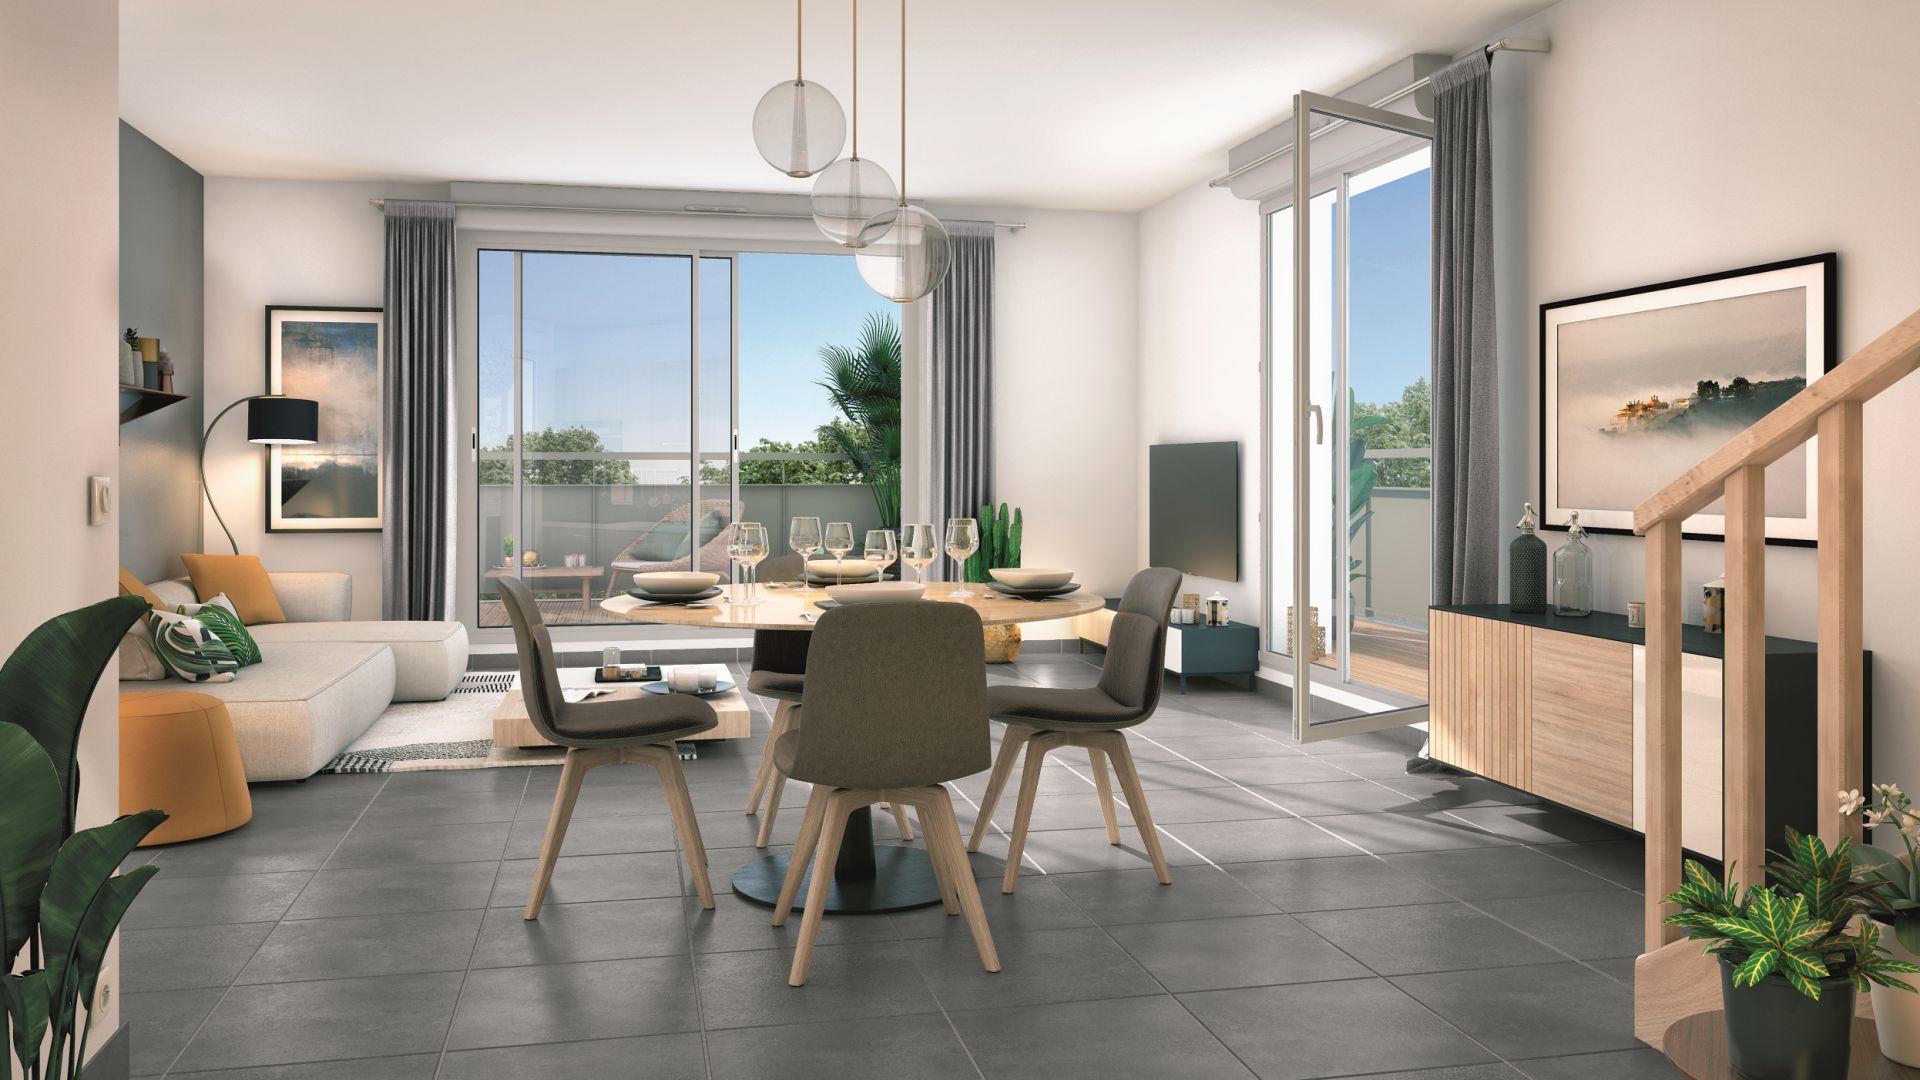 GreenCity immobilier - Clos Cassandre - 31700 Blagnac - appartements neufs du T1Bis au T5Duplex - intérieur